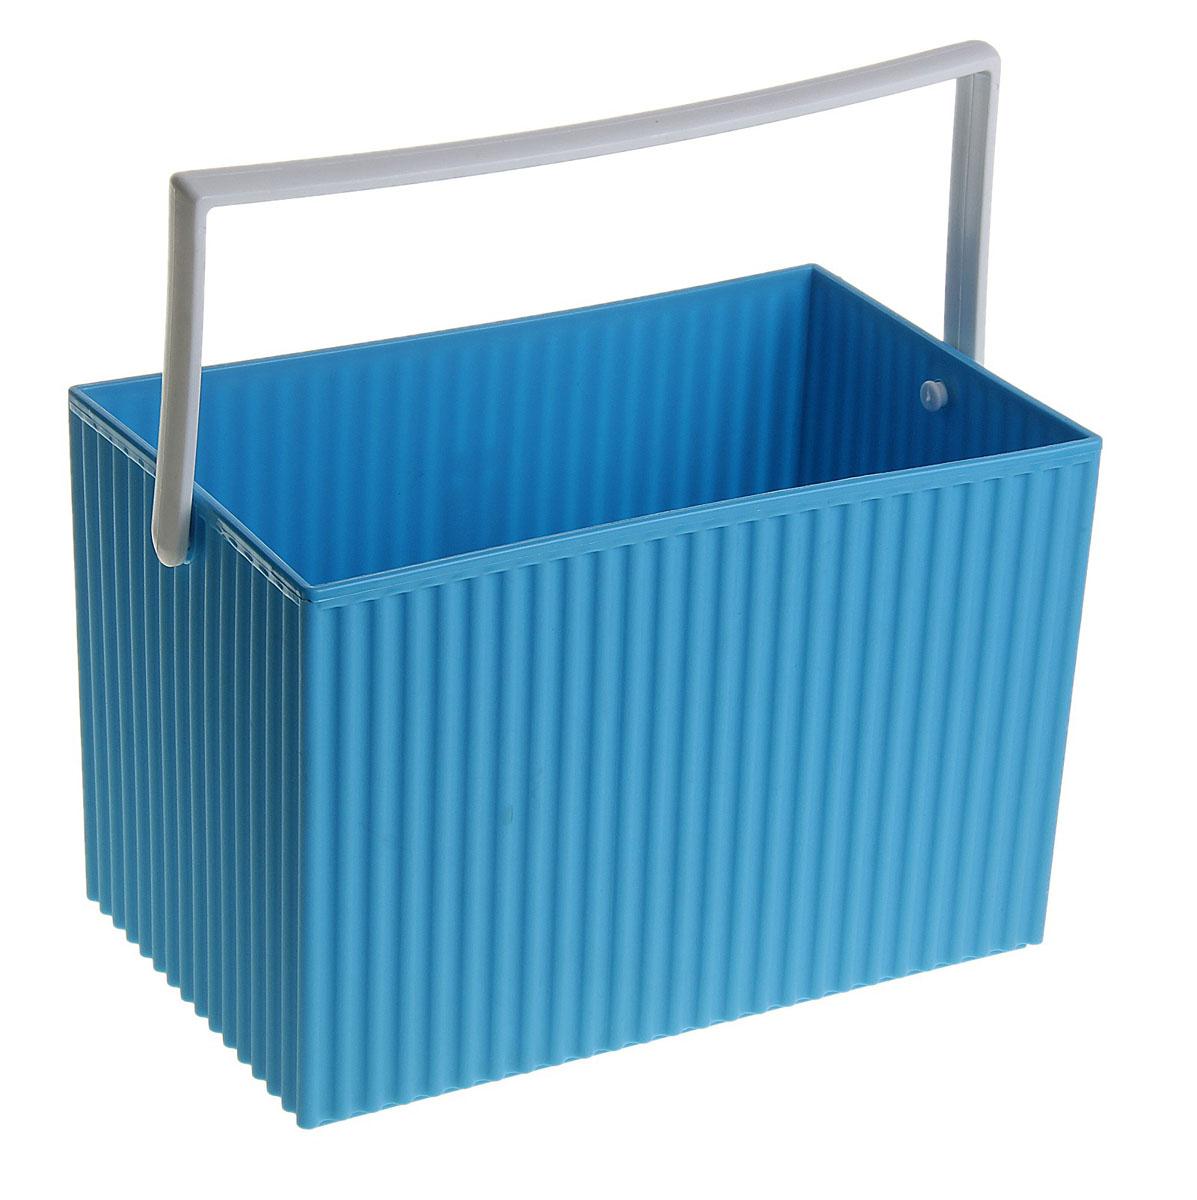 Ящик для бытовых вещей